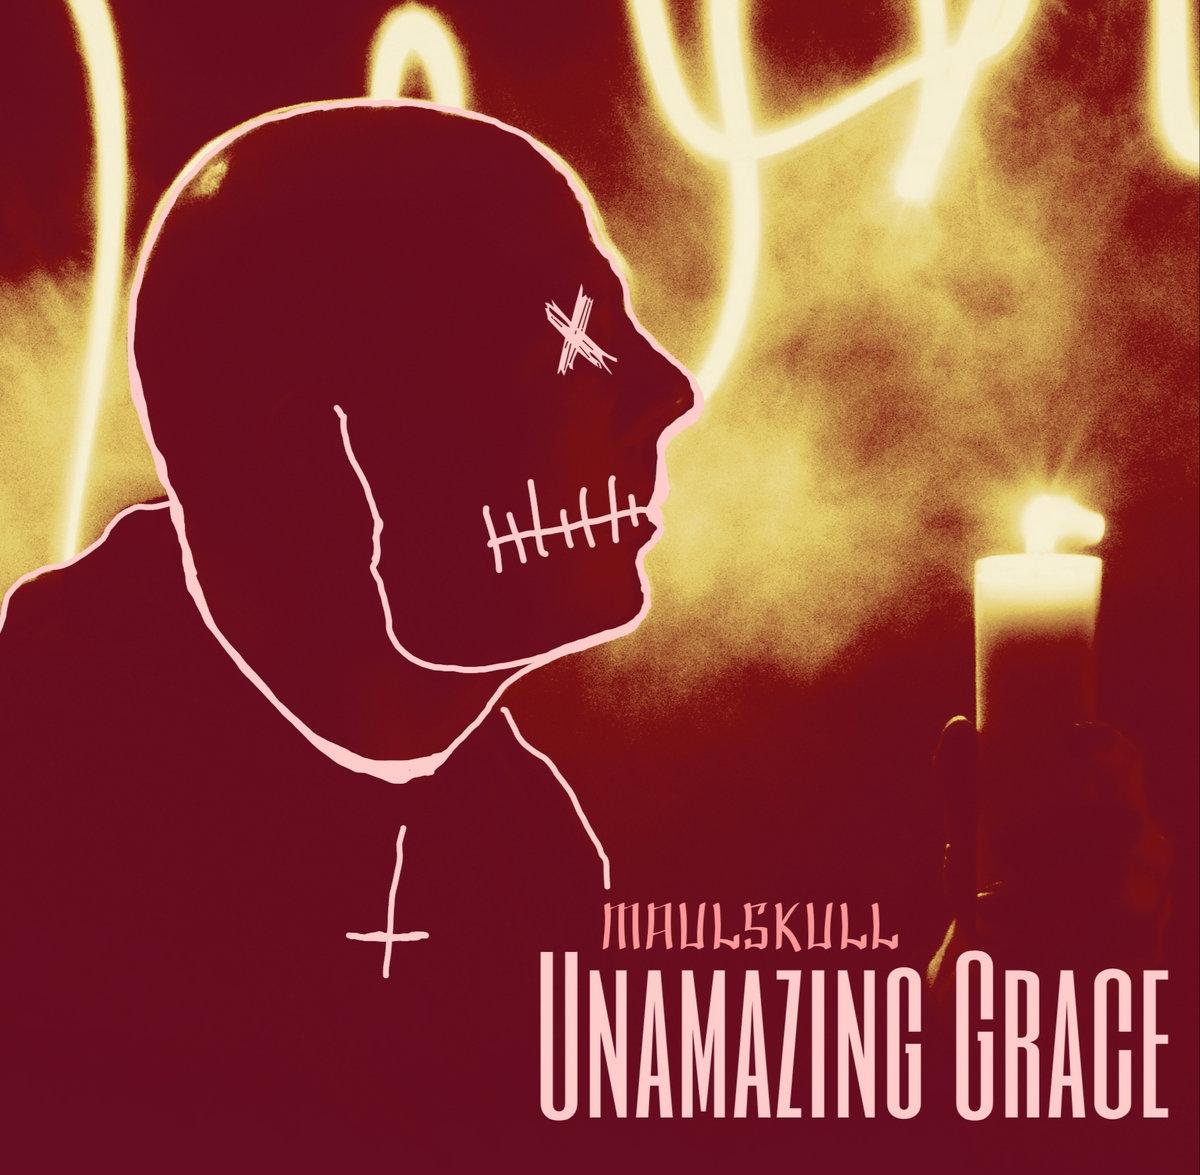 Unamazing Grace | Maulskull